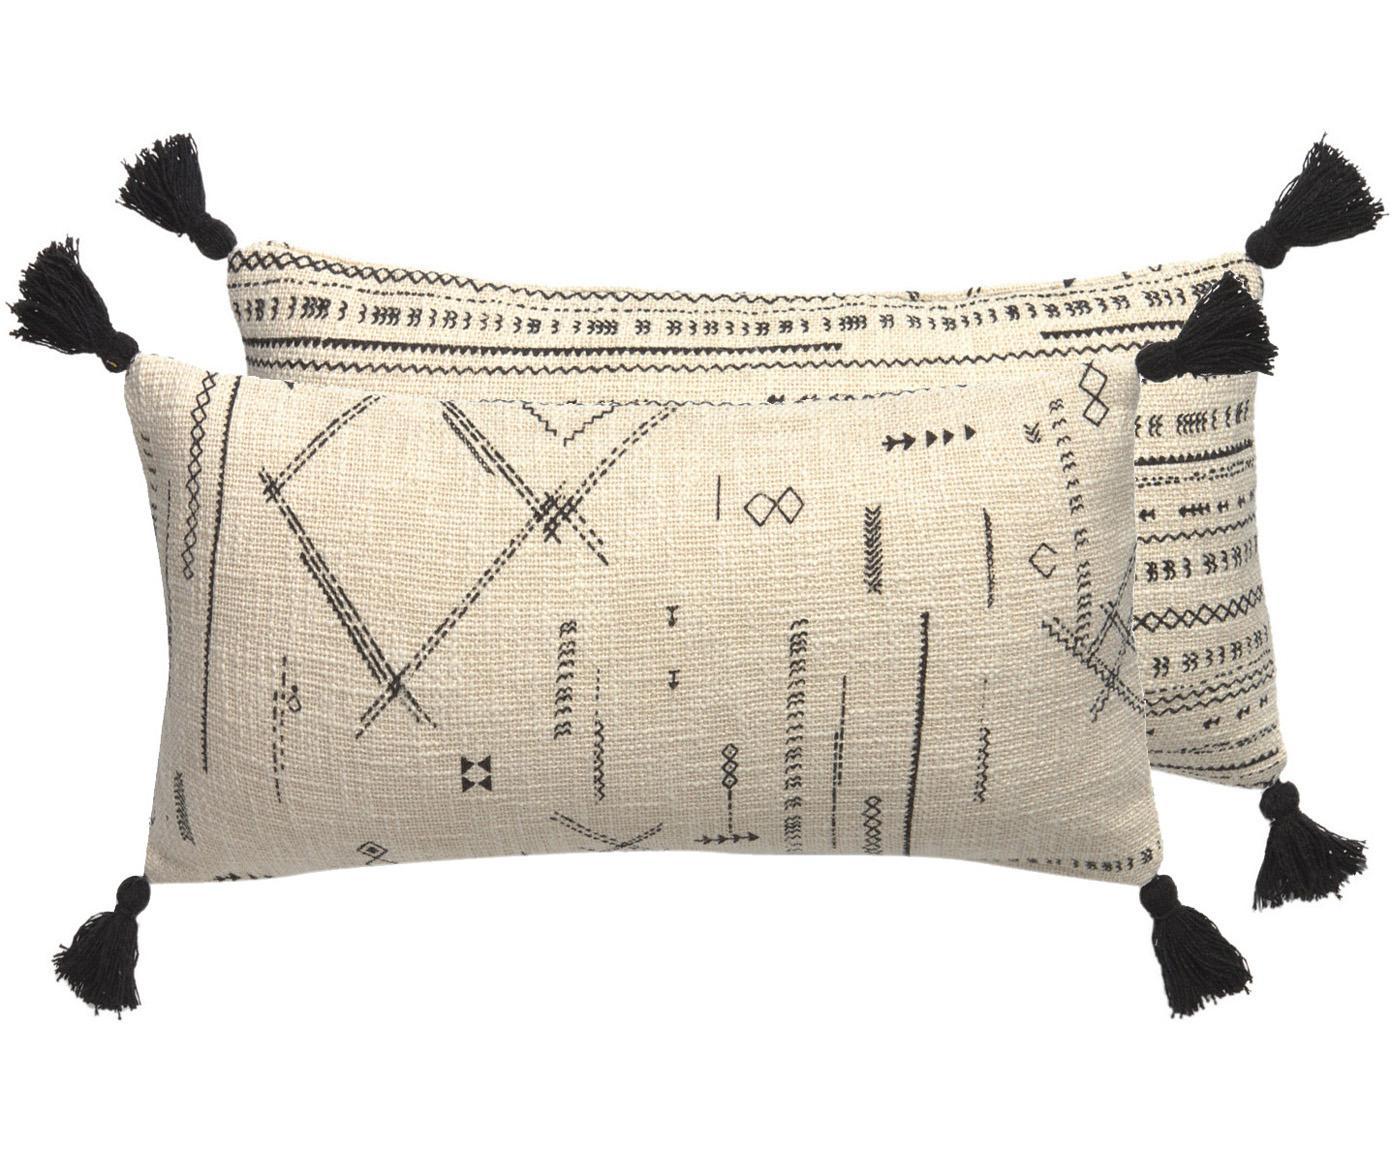 Boho Wendekissenhülle Kertes mit Quasten, 100% Baumwolle, Schwarz, 30 x 60 cm